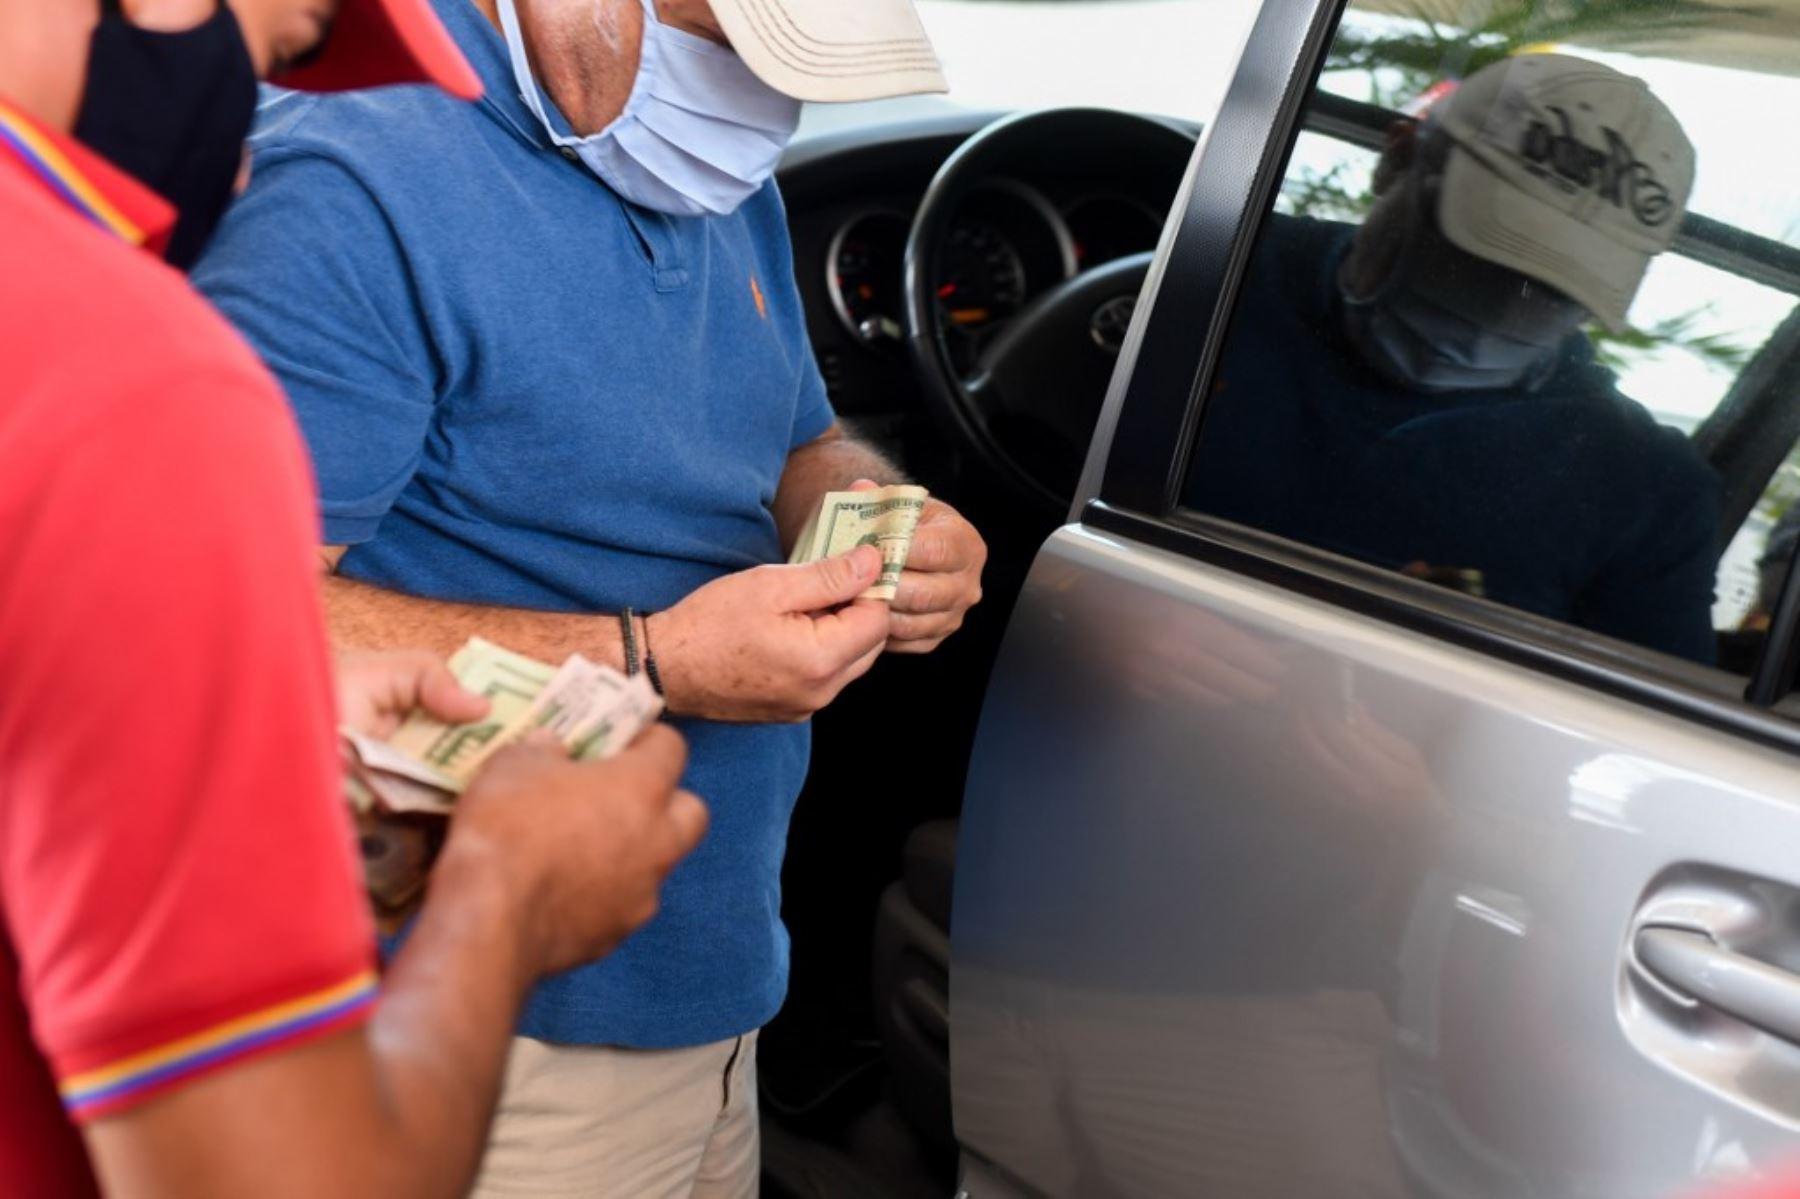 Un hombre con una máscara facial paga en una estación de servicio en Caracas en medio de la pandemia de coronavirus Covid-19. Foto: AFP